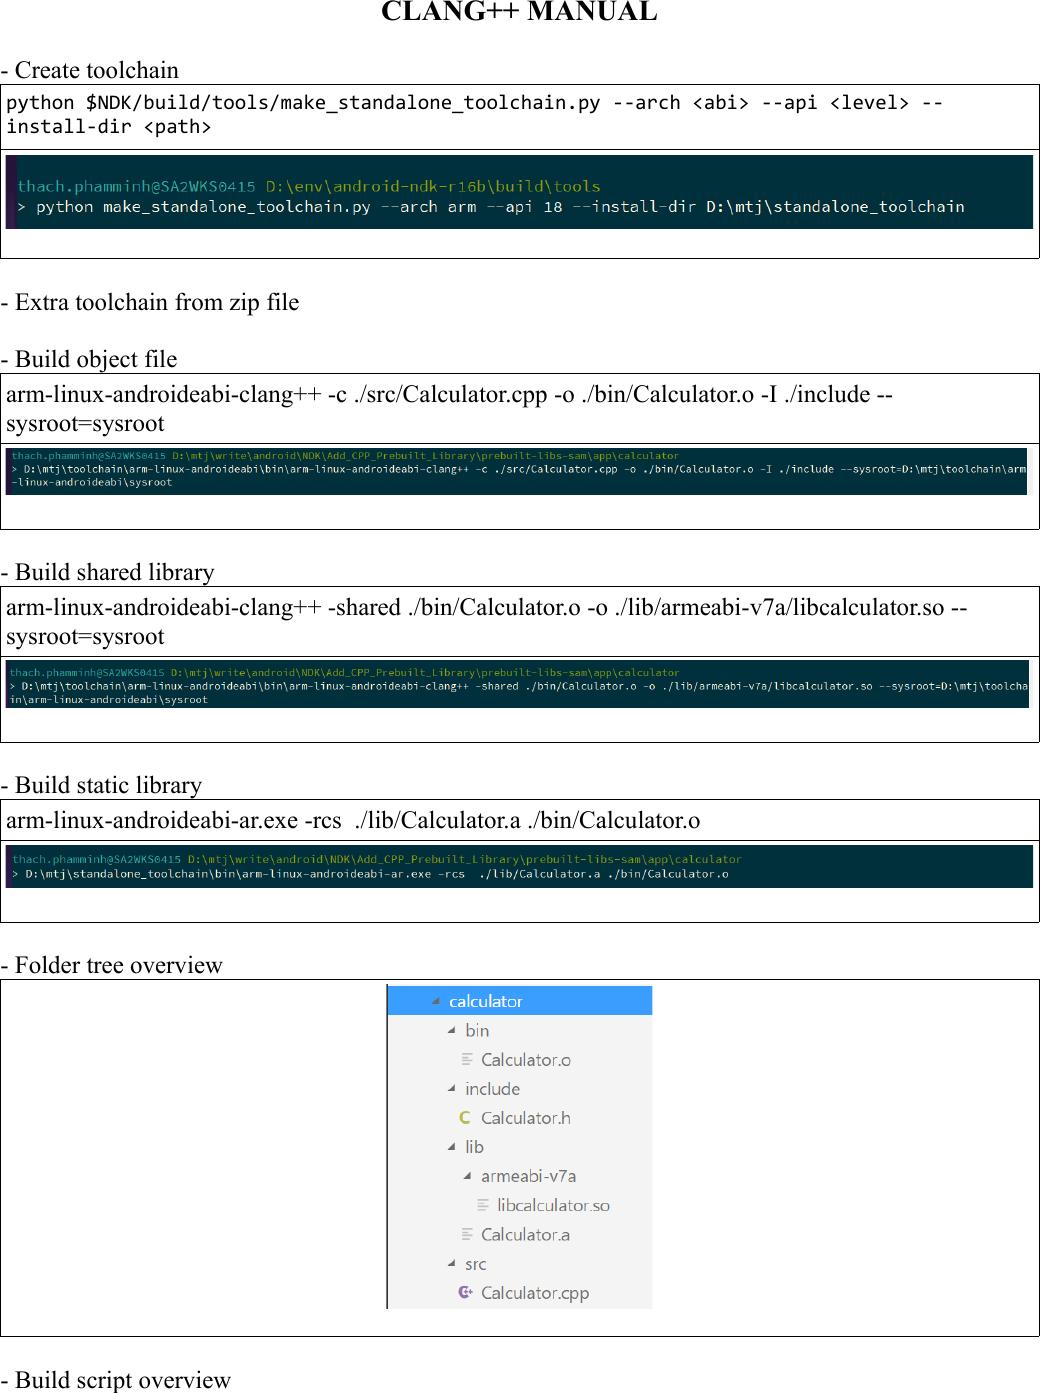 Clang++ Manual